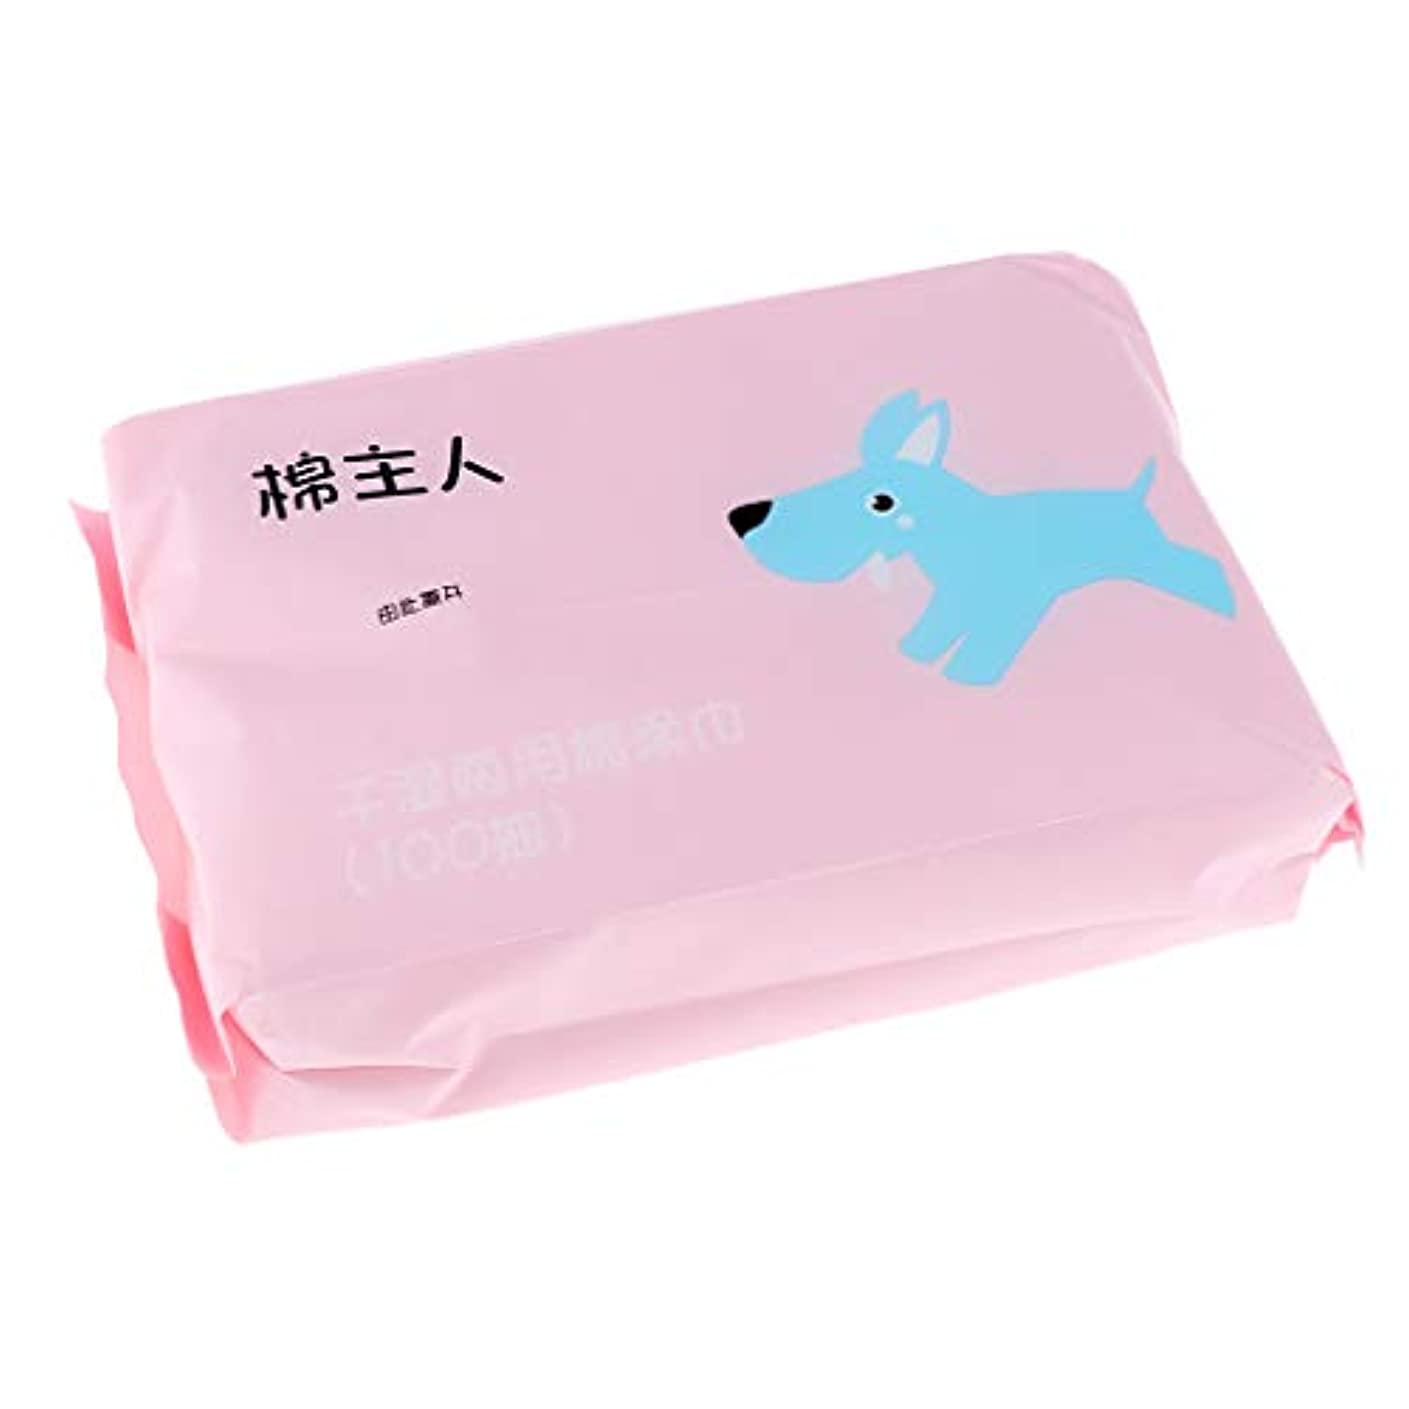 スクラッチ変化する第P Prettyia 約100枚 使い捨て クレンジングシート ソフト 2色選べ  - ピンク